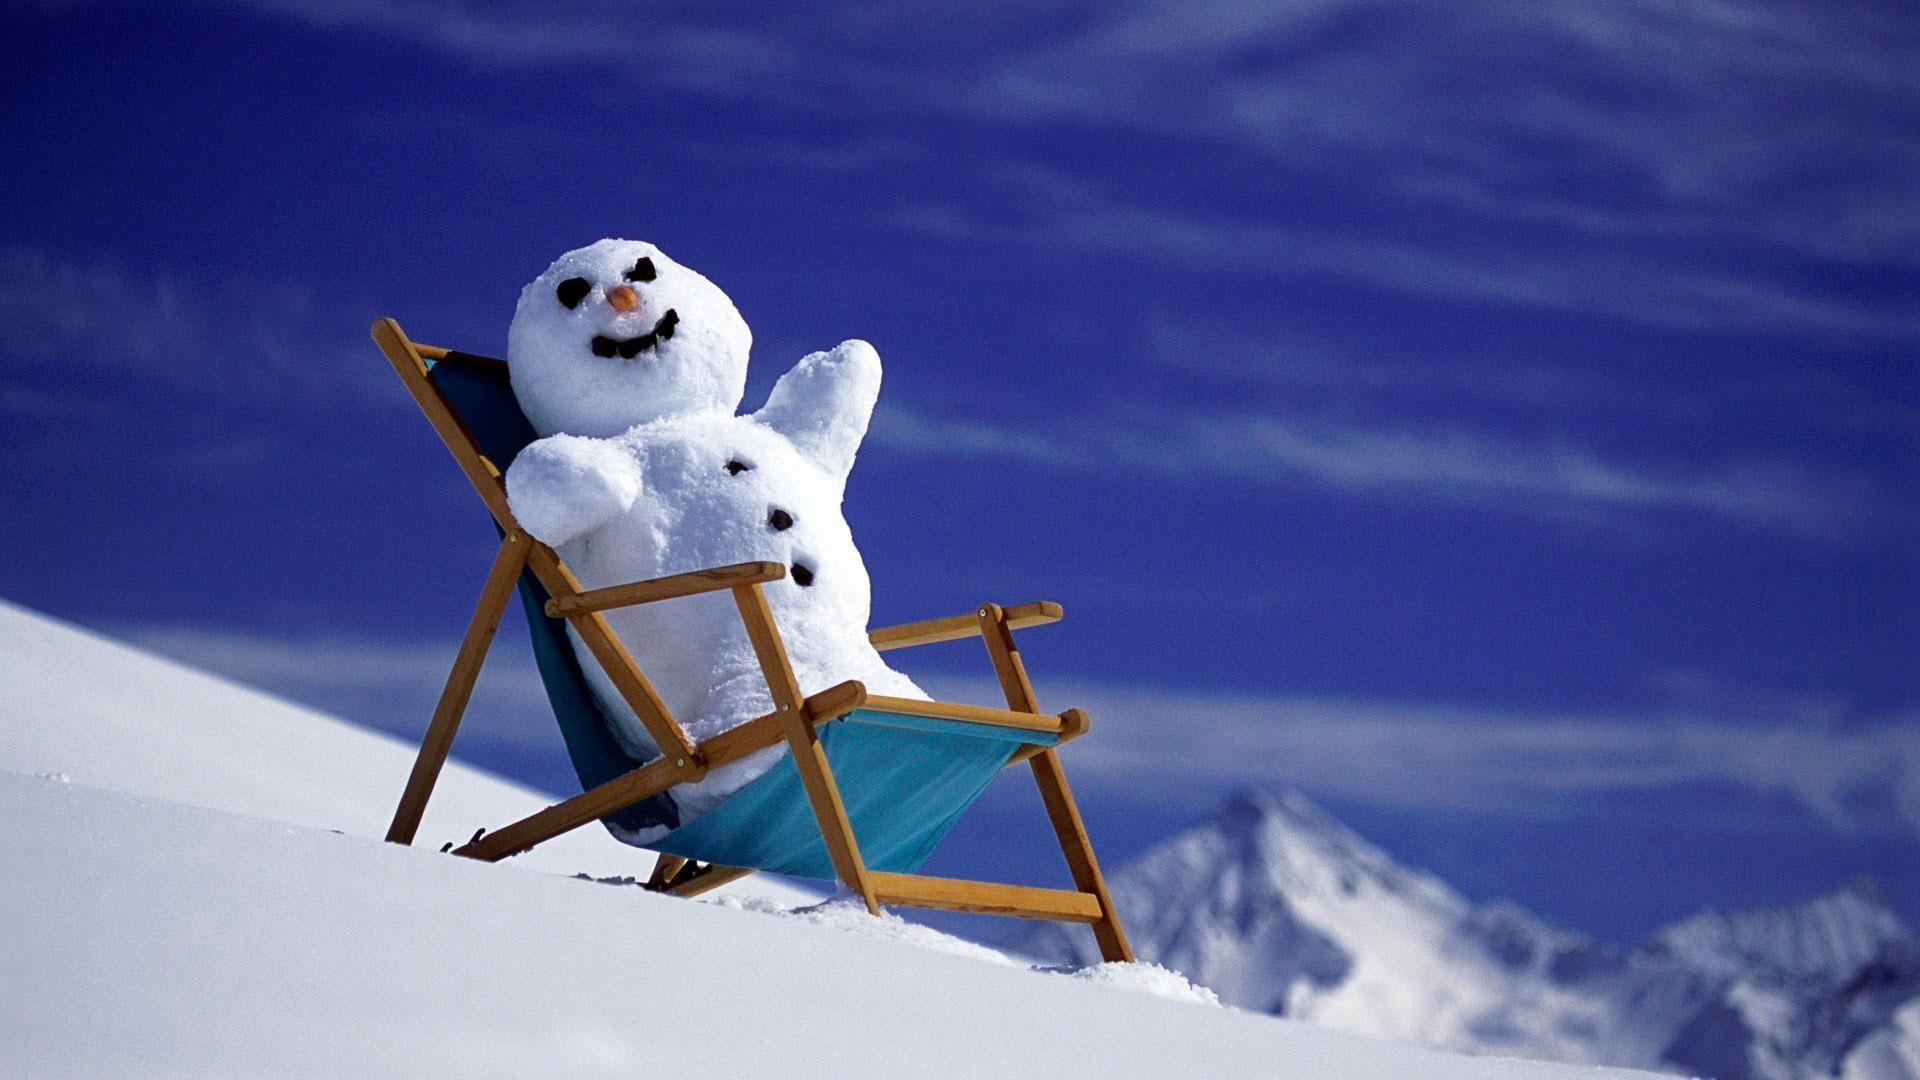 Приколы, прикольные картинки про зиму